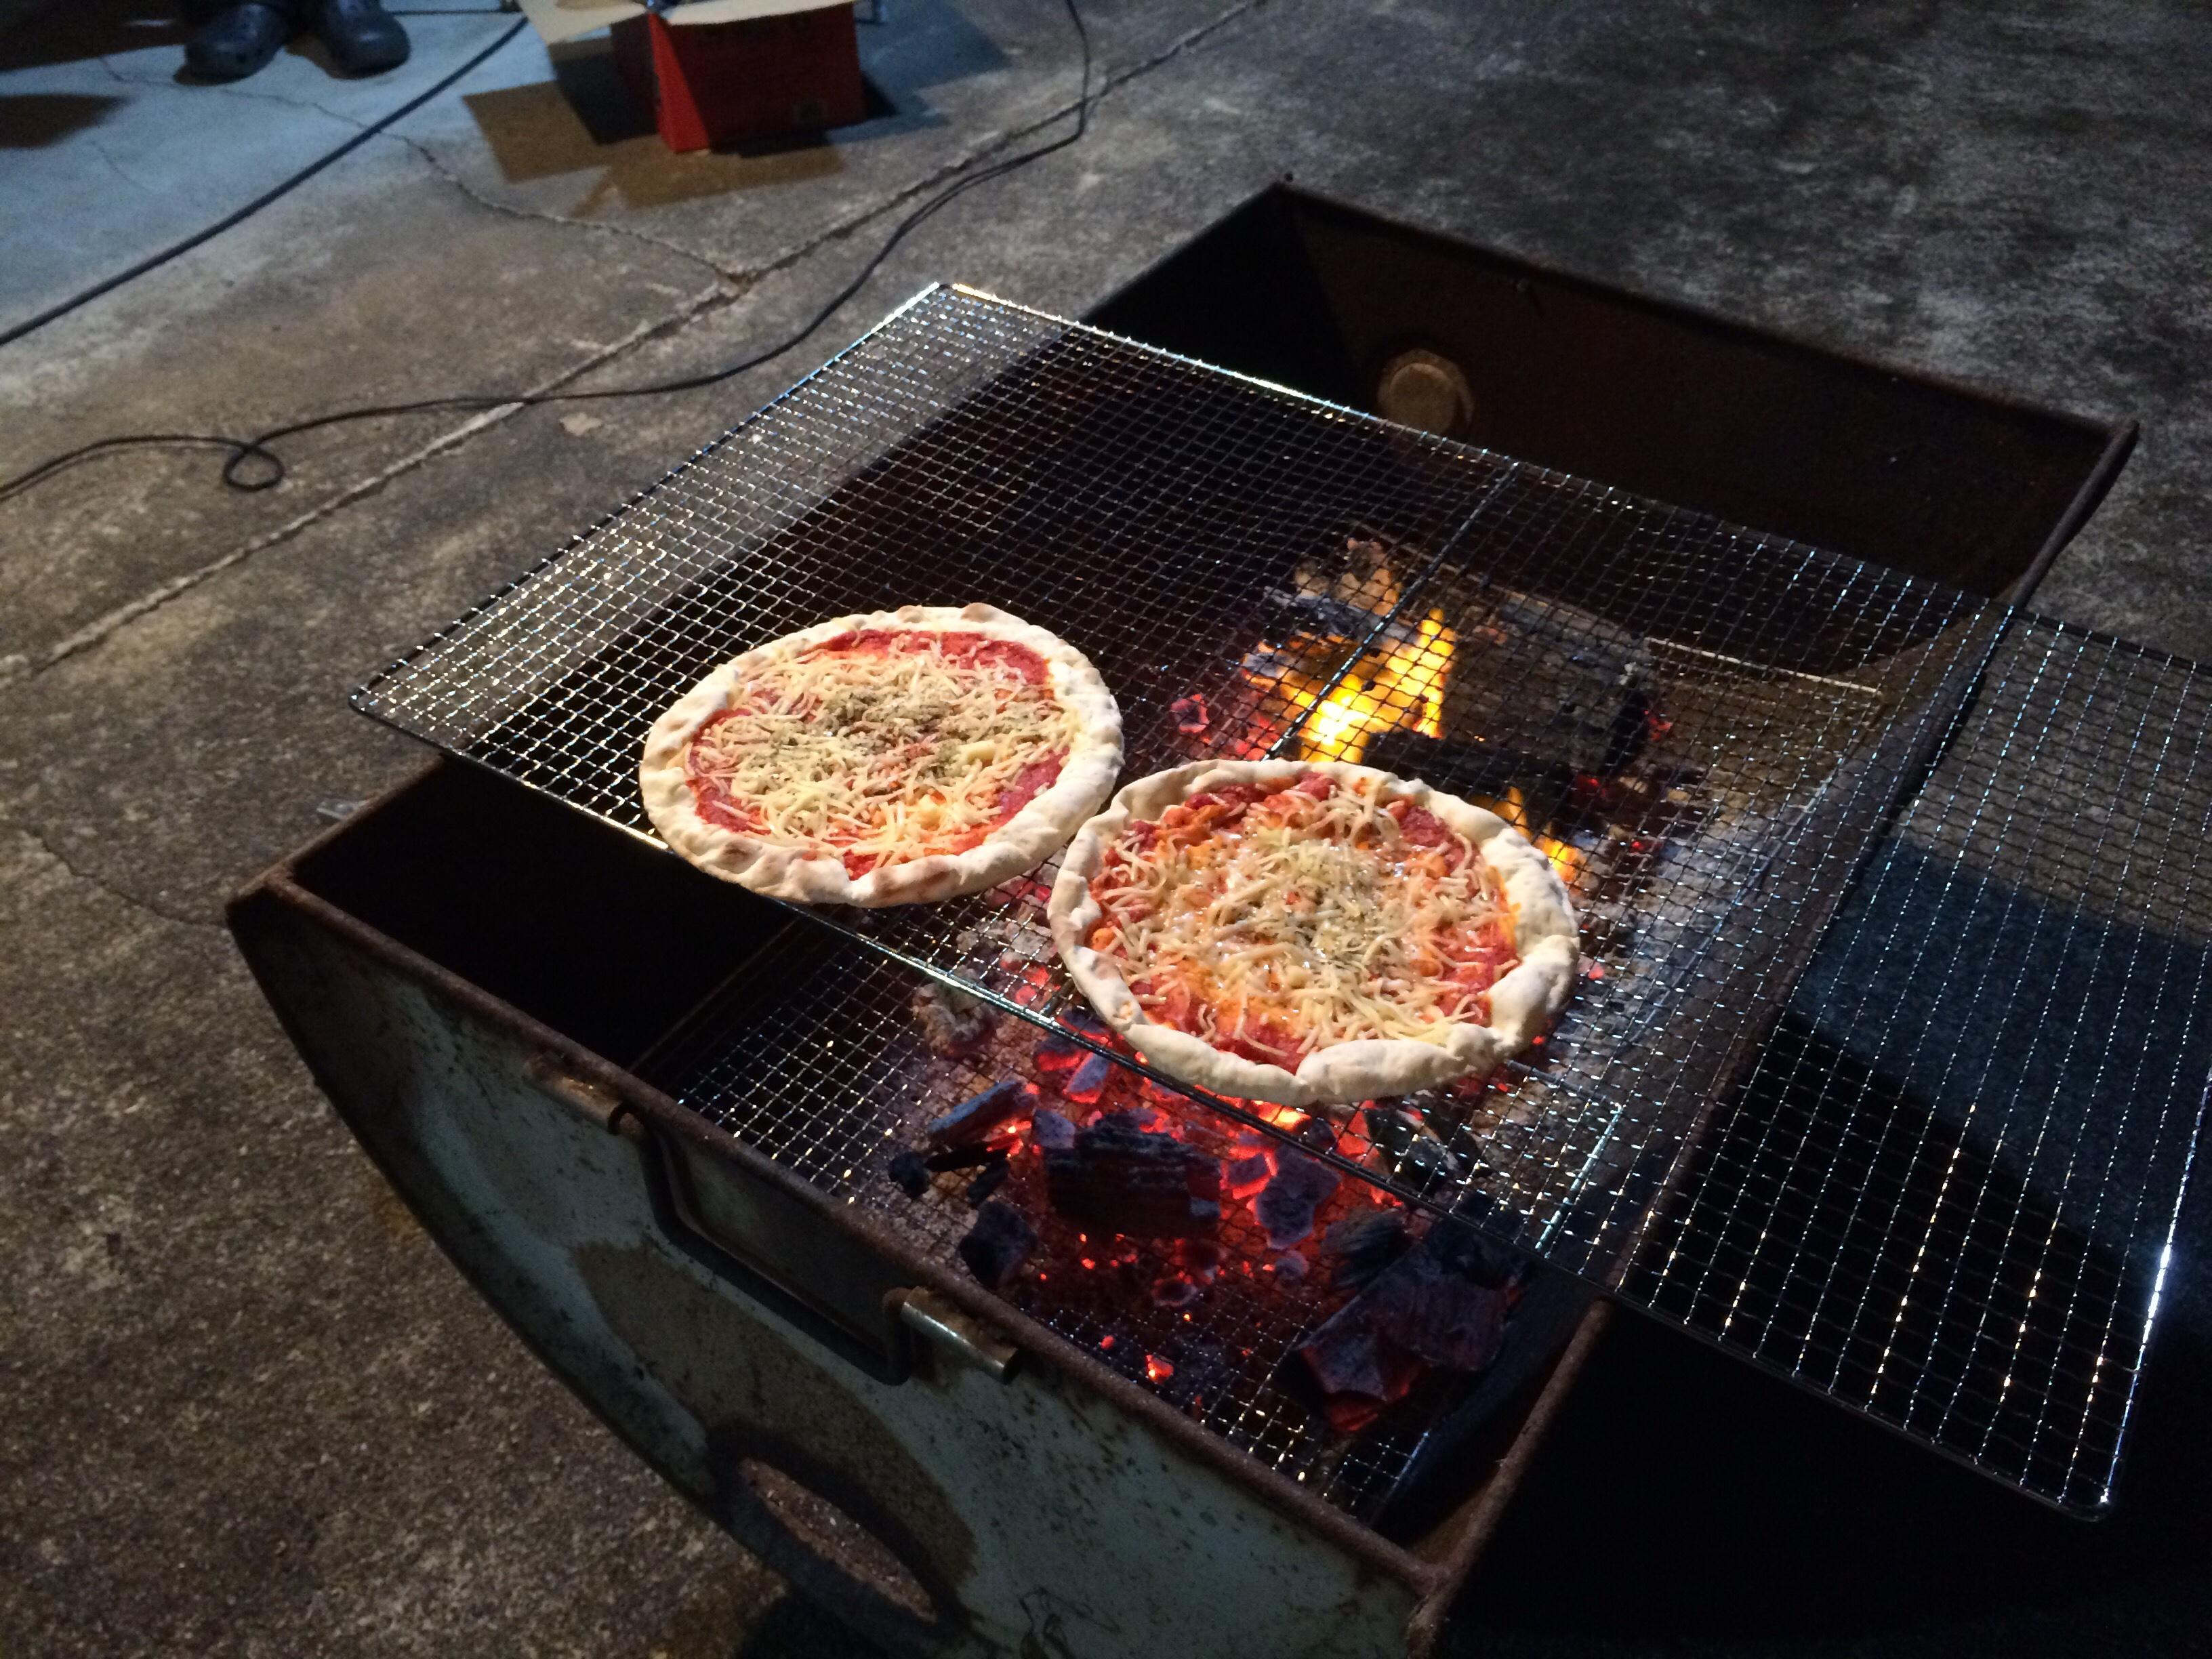 意外と知らないカセットボンベガスバーナーの使い方!お盆BBQでpizzaが美味い